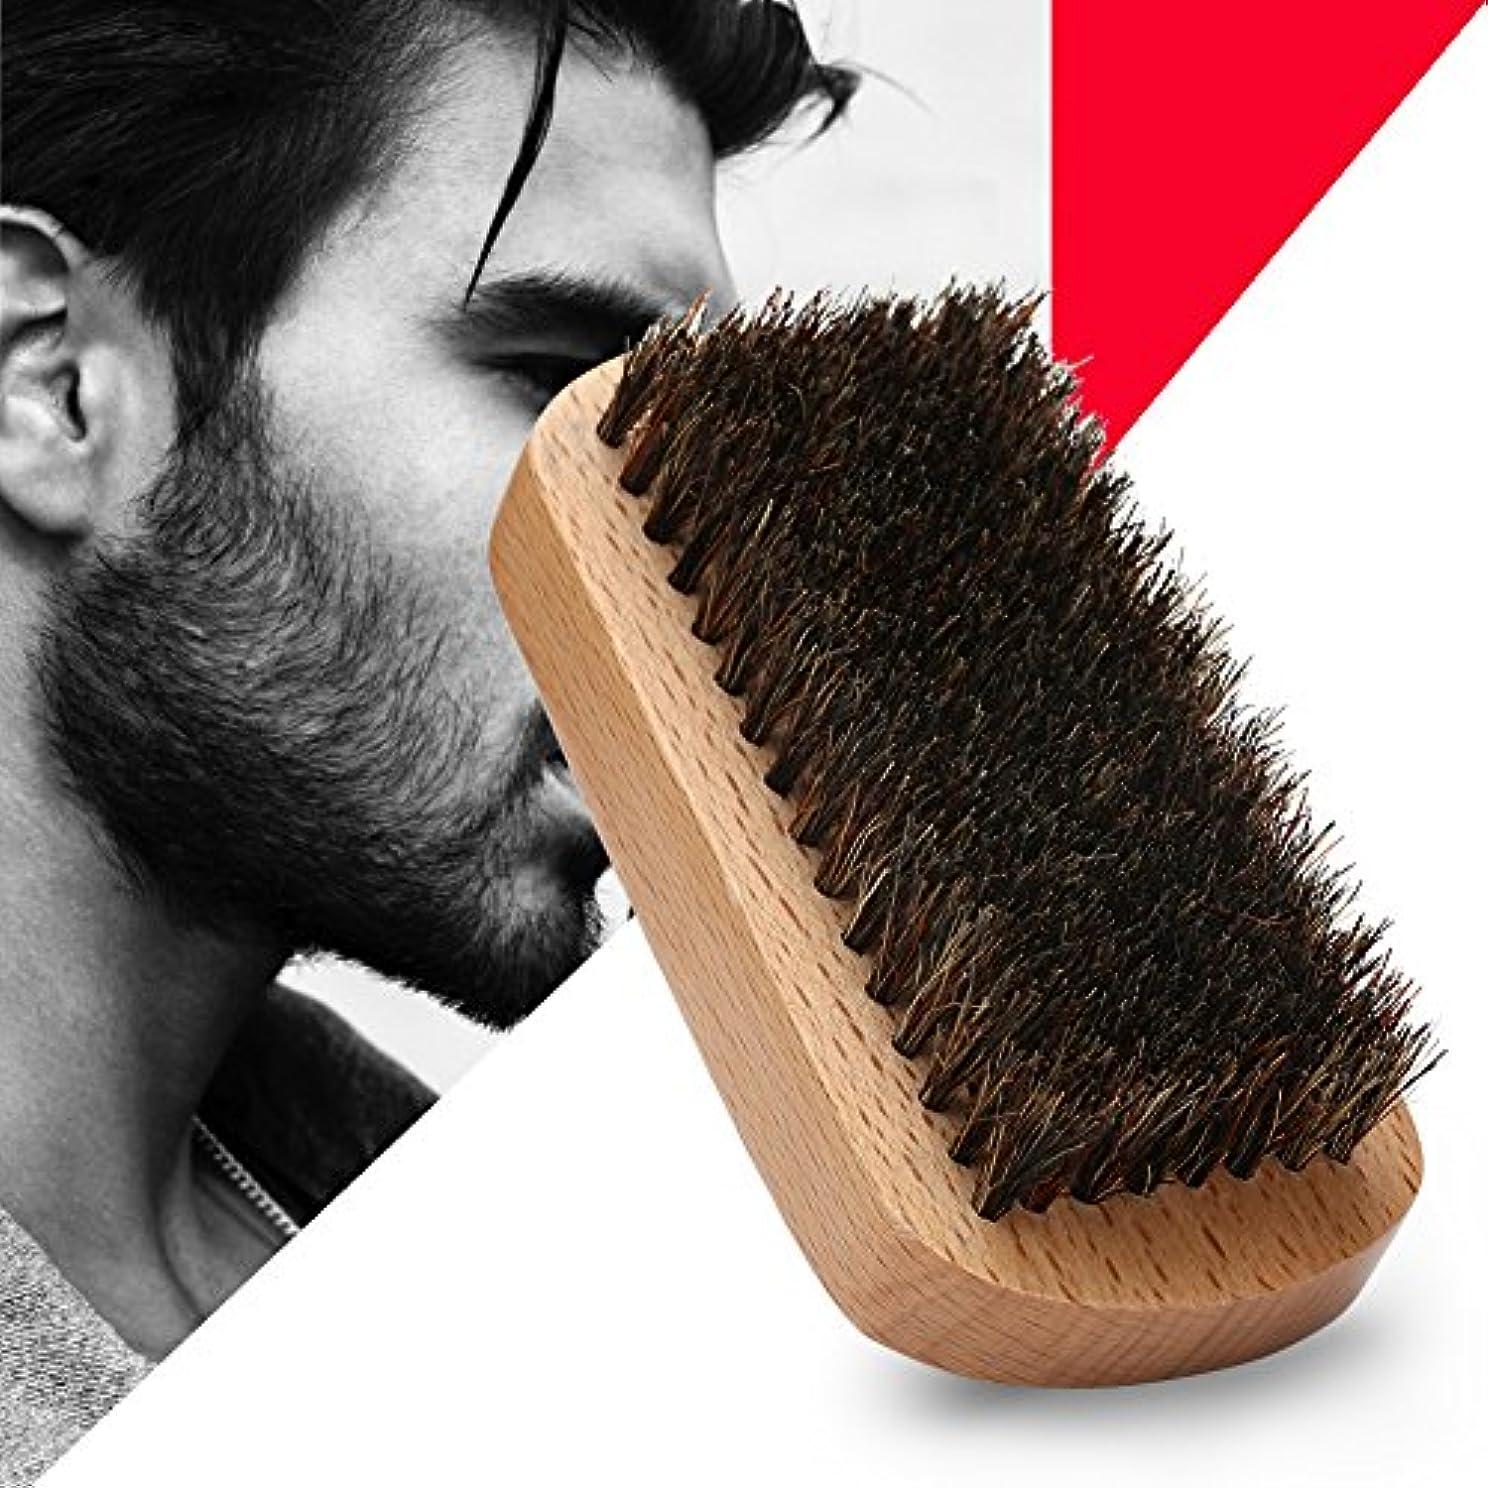 下手デンマーク焦がすシェービングブラシ メンズ ウッド 豚剛毛 クリーニング 髭剃り 泡立ち 洗顔ブラシ メンズ ブラック 長方形